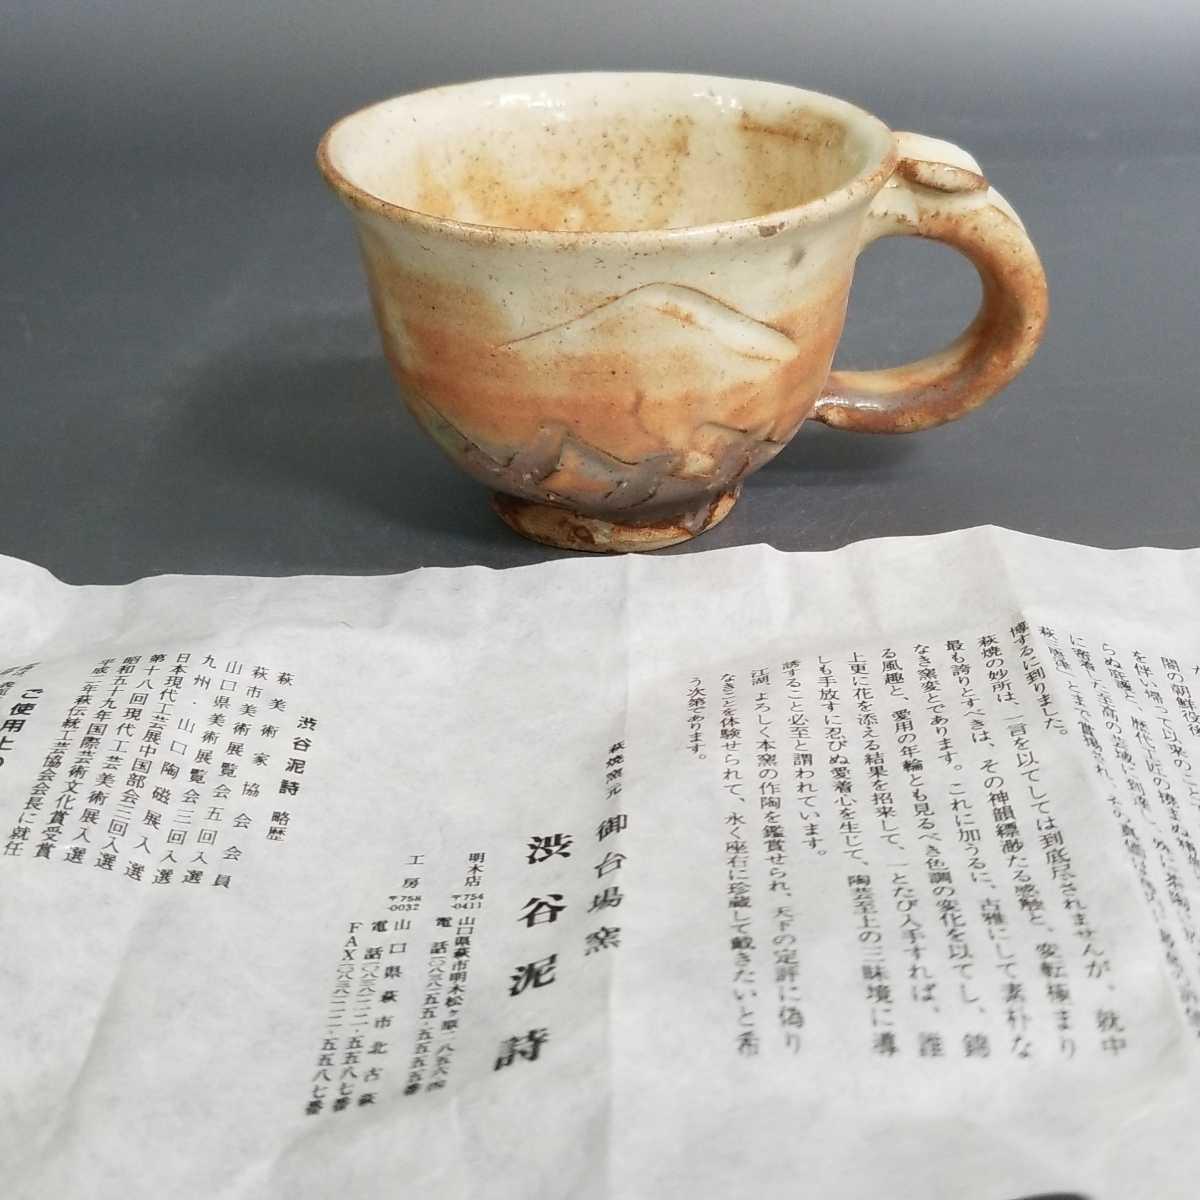 緒59)萩焼 渋谷泥詩 見島コーヒーカップ マグカップ 珈琲器 茶器 未使用新品 同梱歓迎_画像9